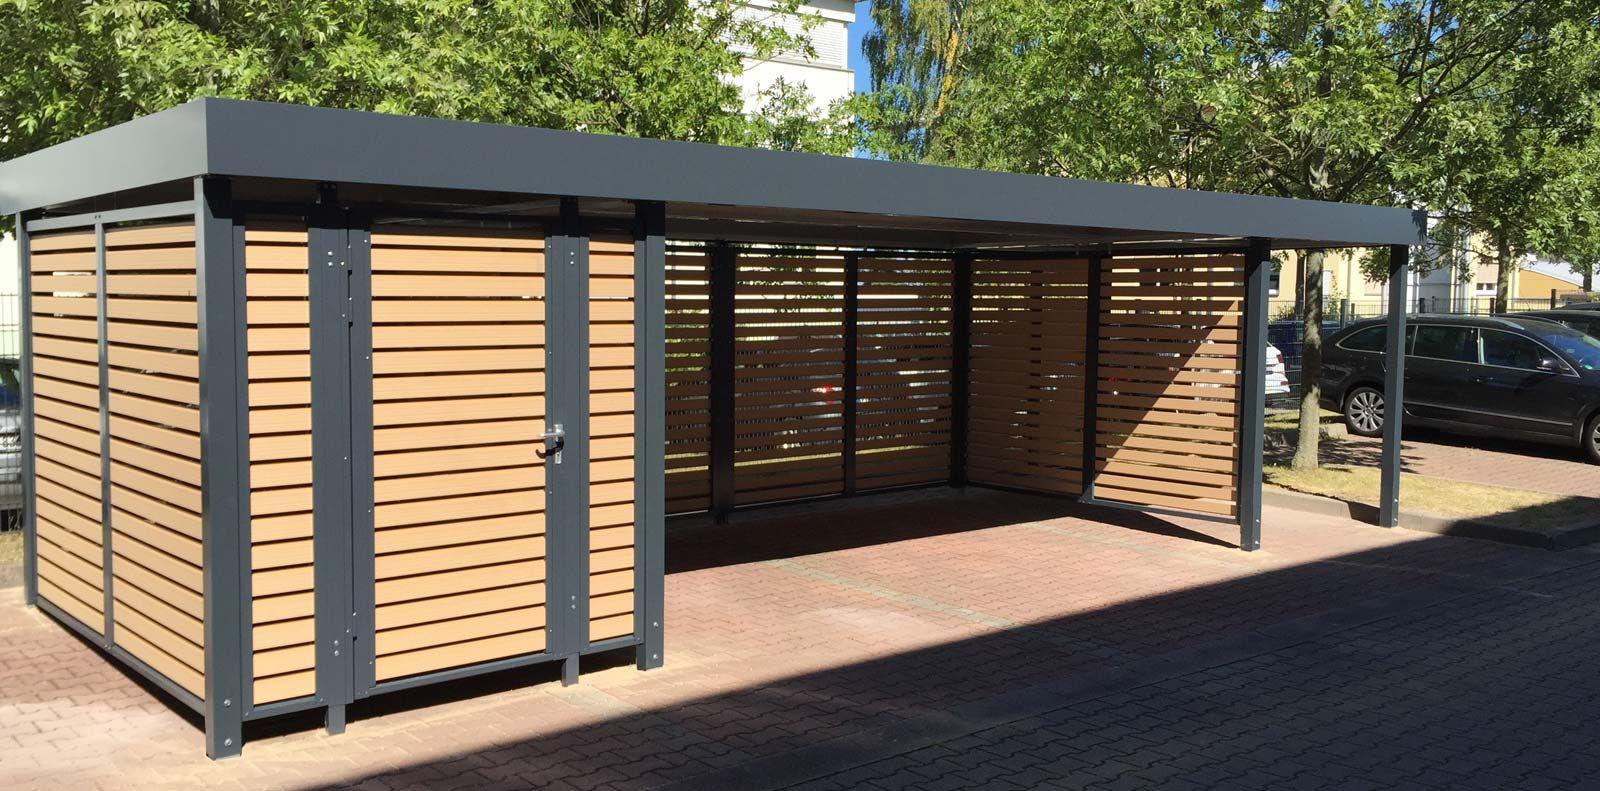 einhausung fahrradunterstand fahrradeinhausung von siebau carport einhausungen. Black Bedroom Furniture Sets. Home Design Ideas